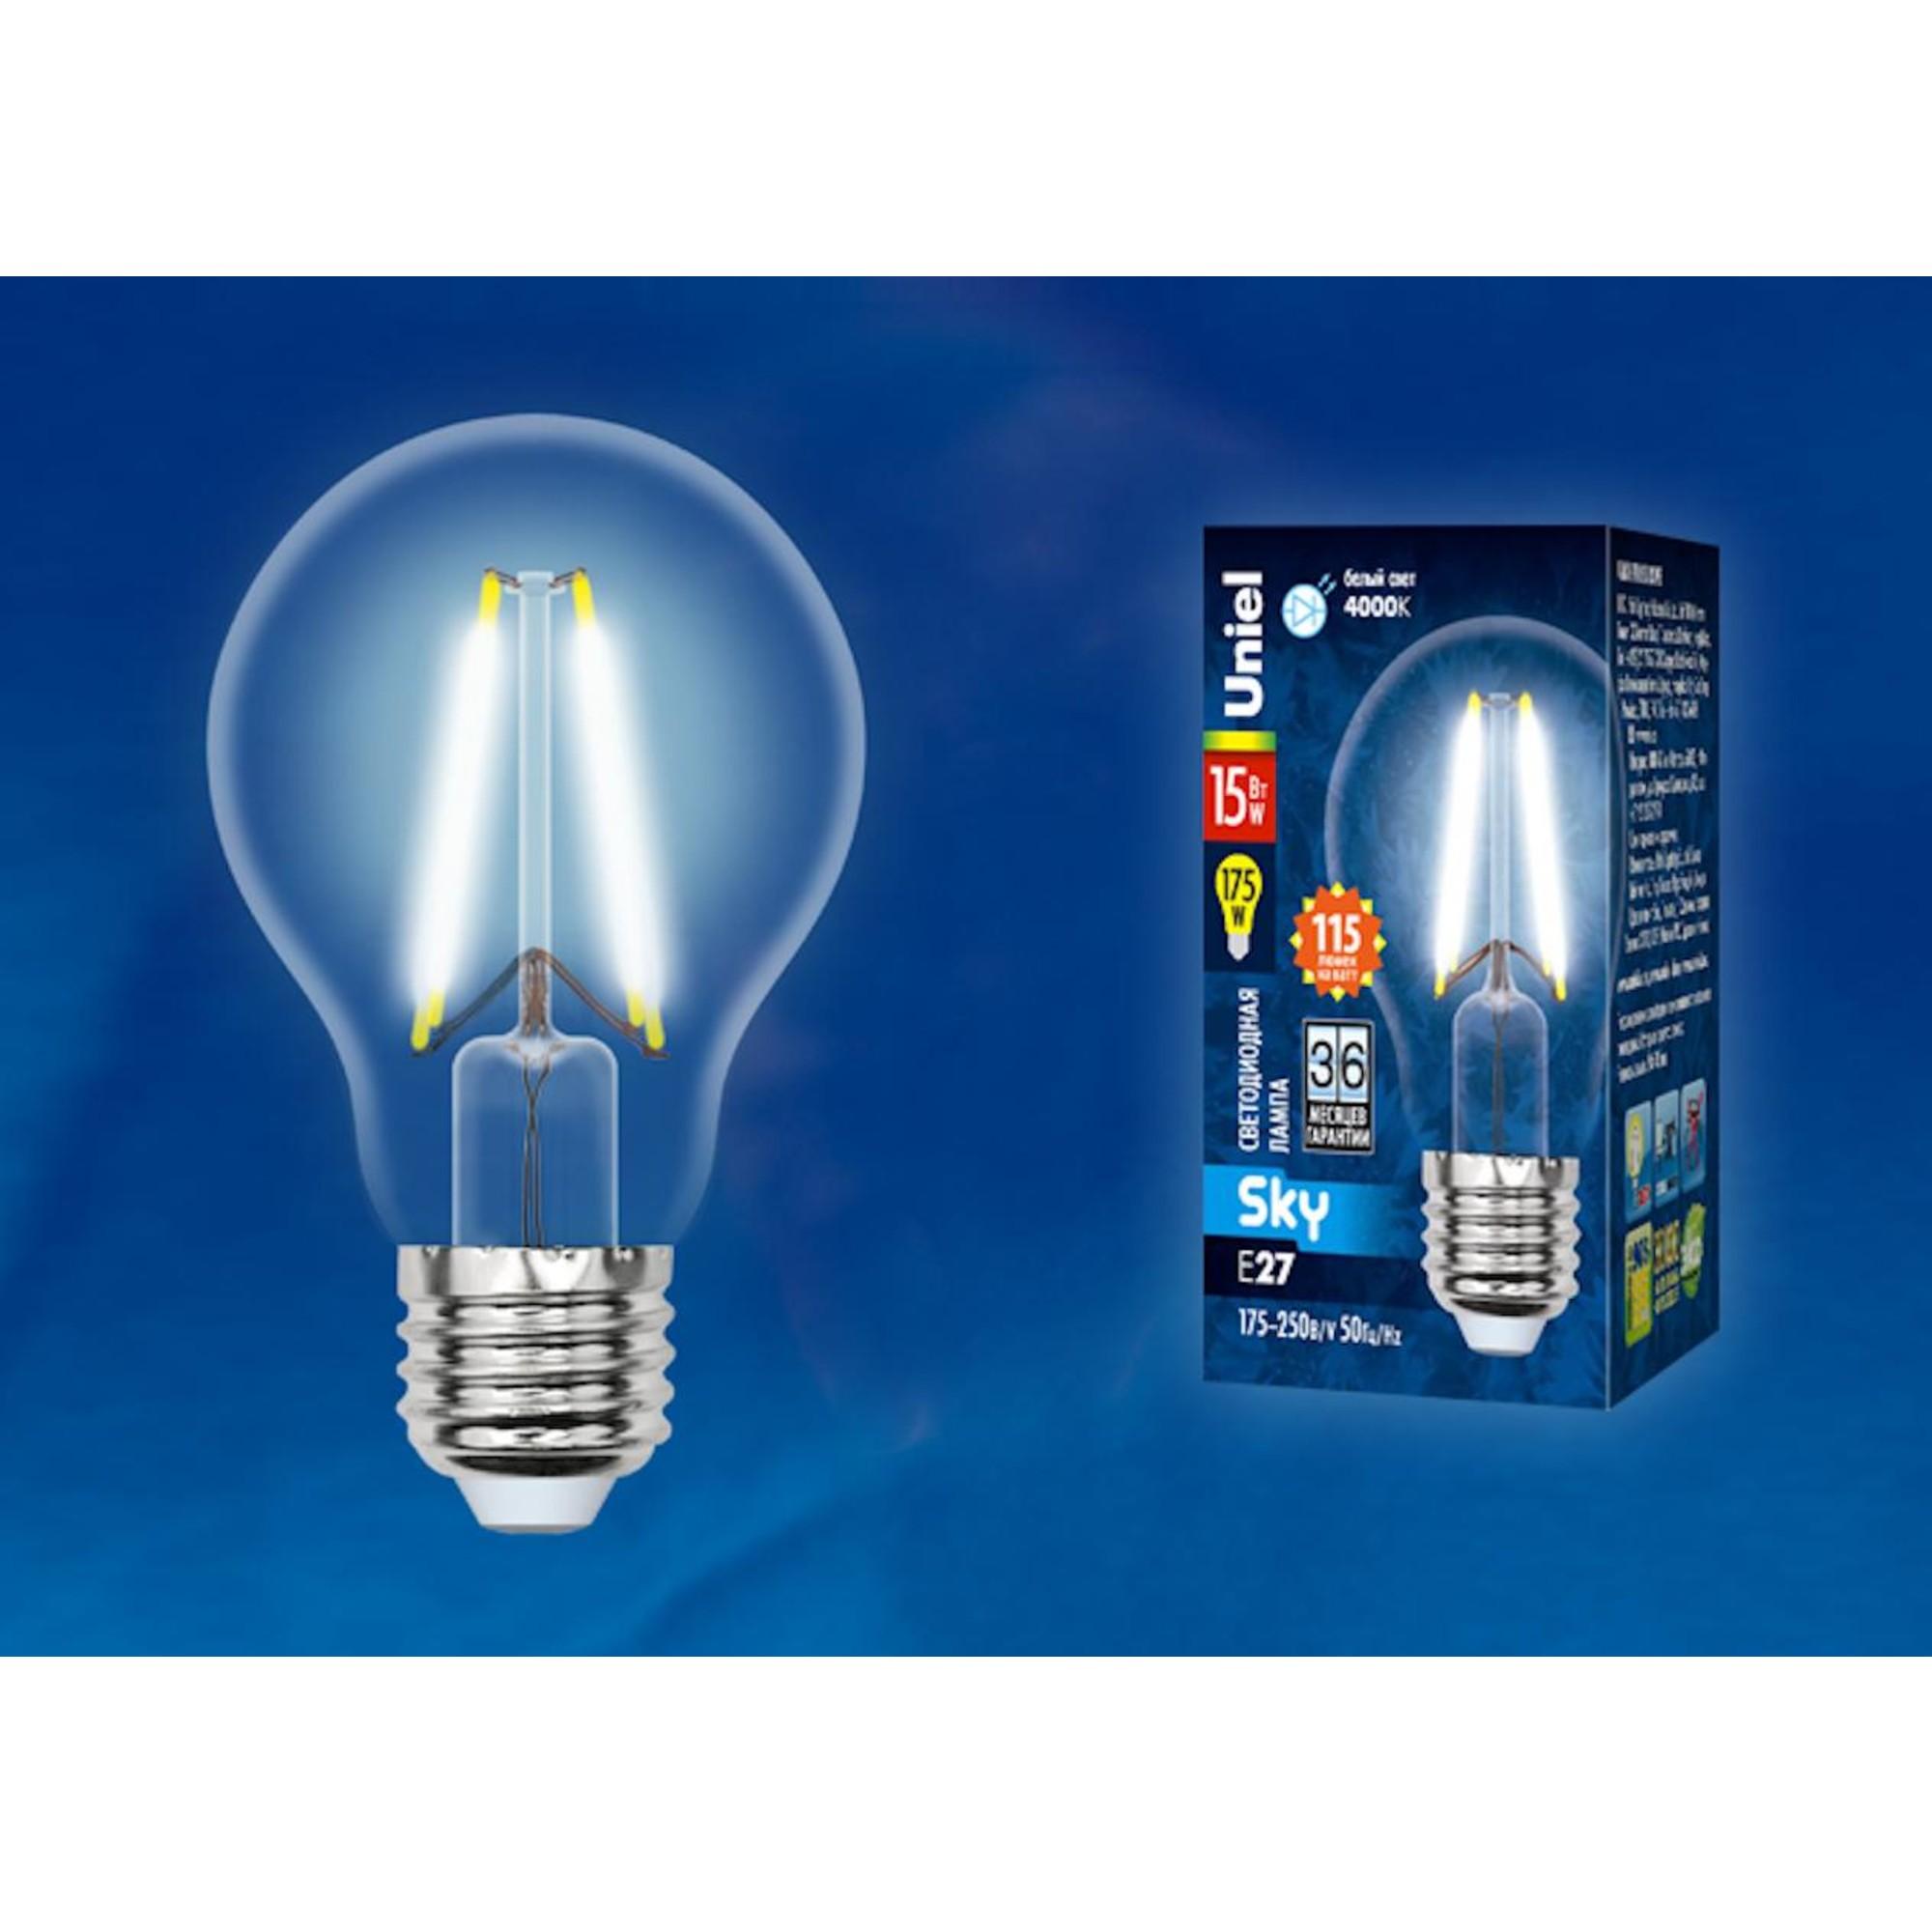 Светодиодная лампочка Uniel UL-00005850 E27 1750 Лм 15 Вт